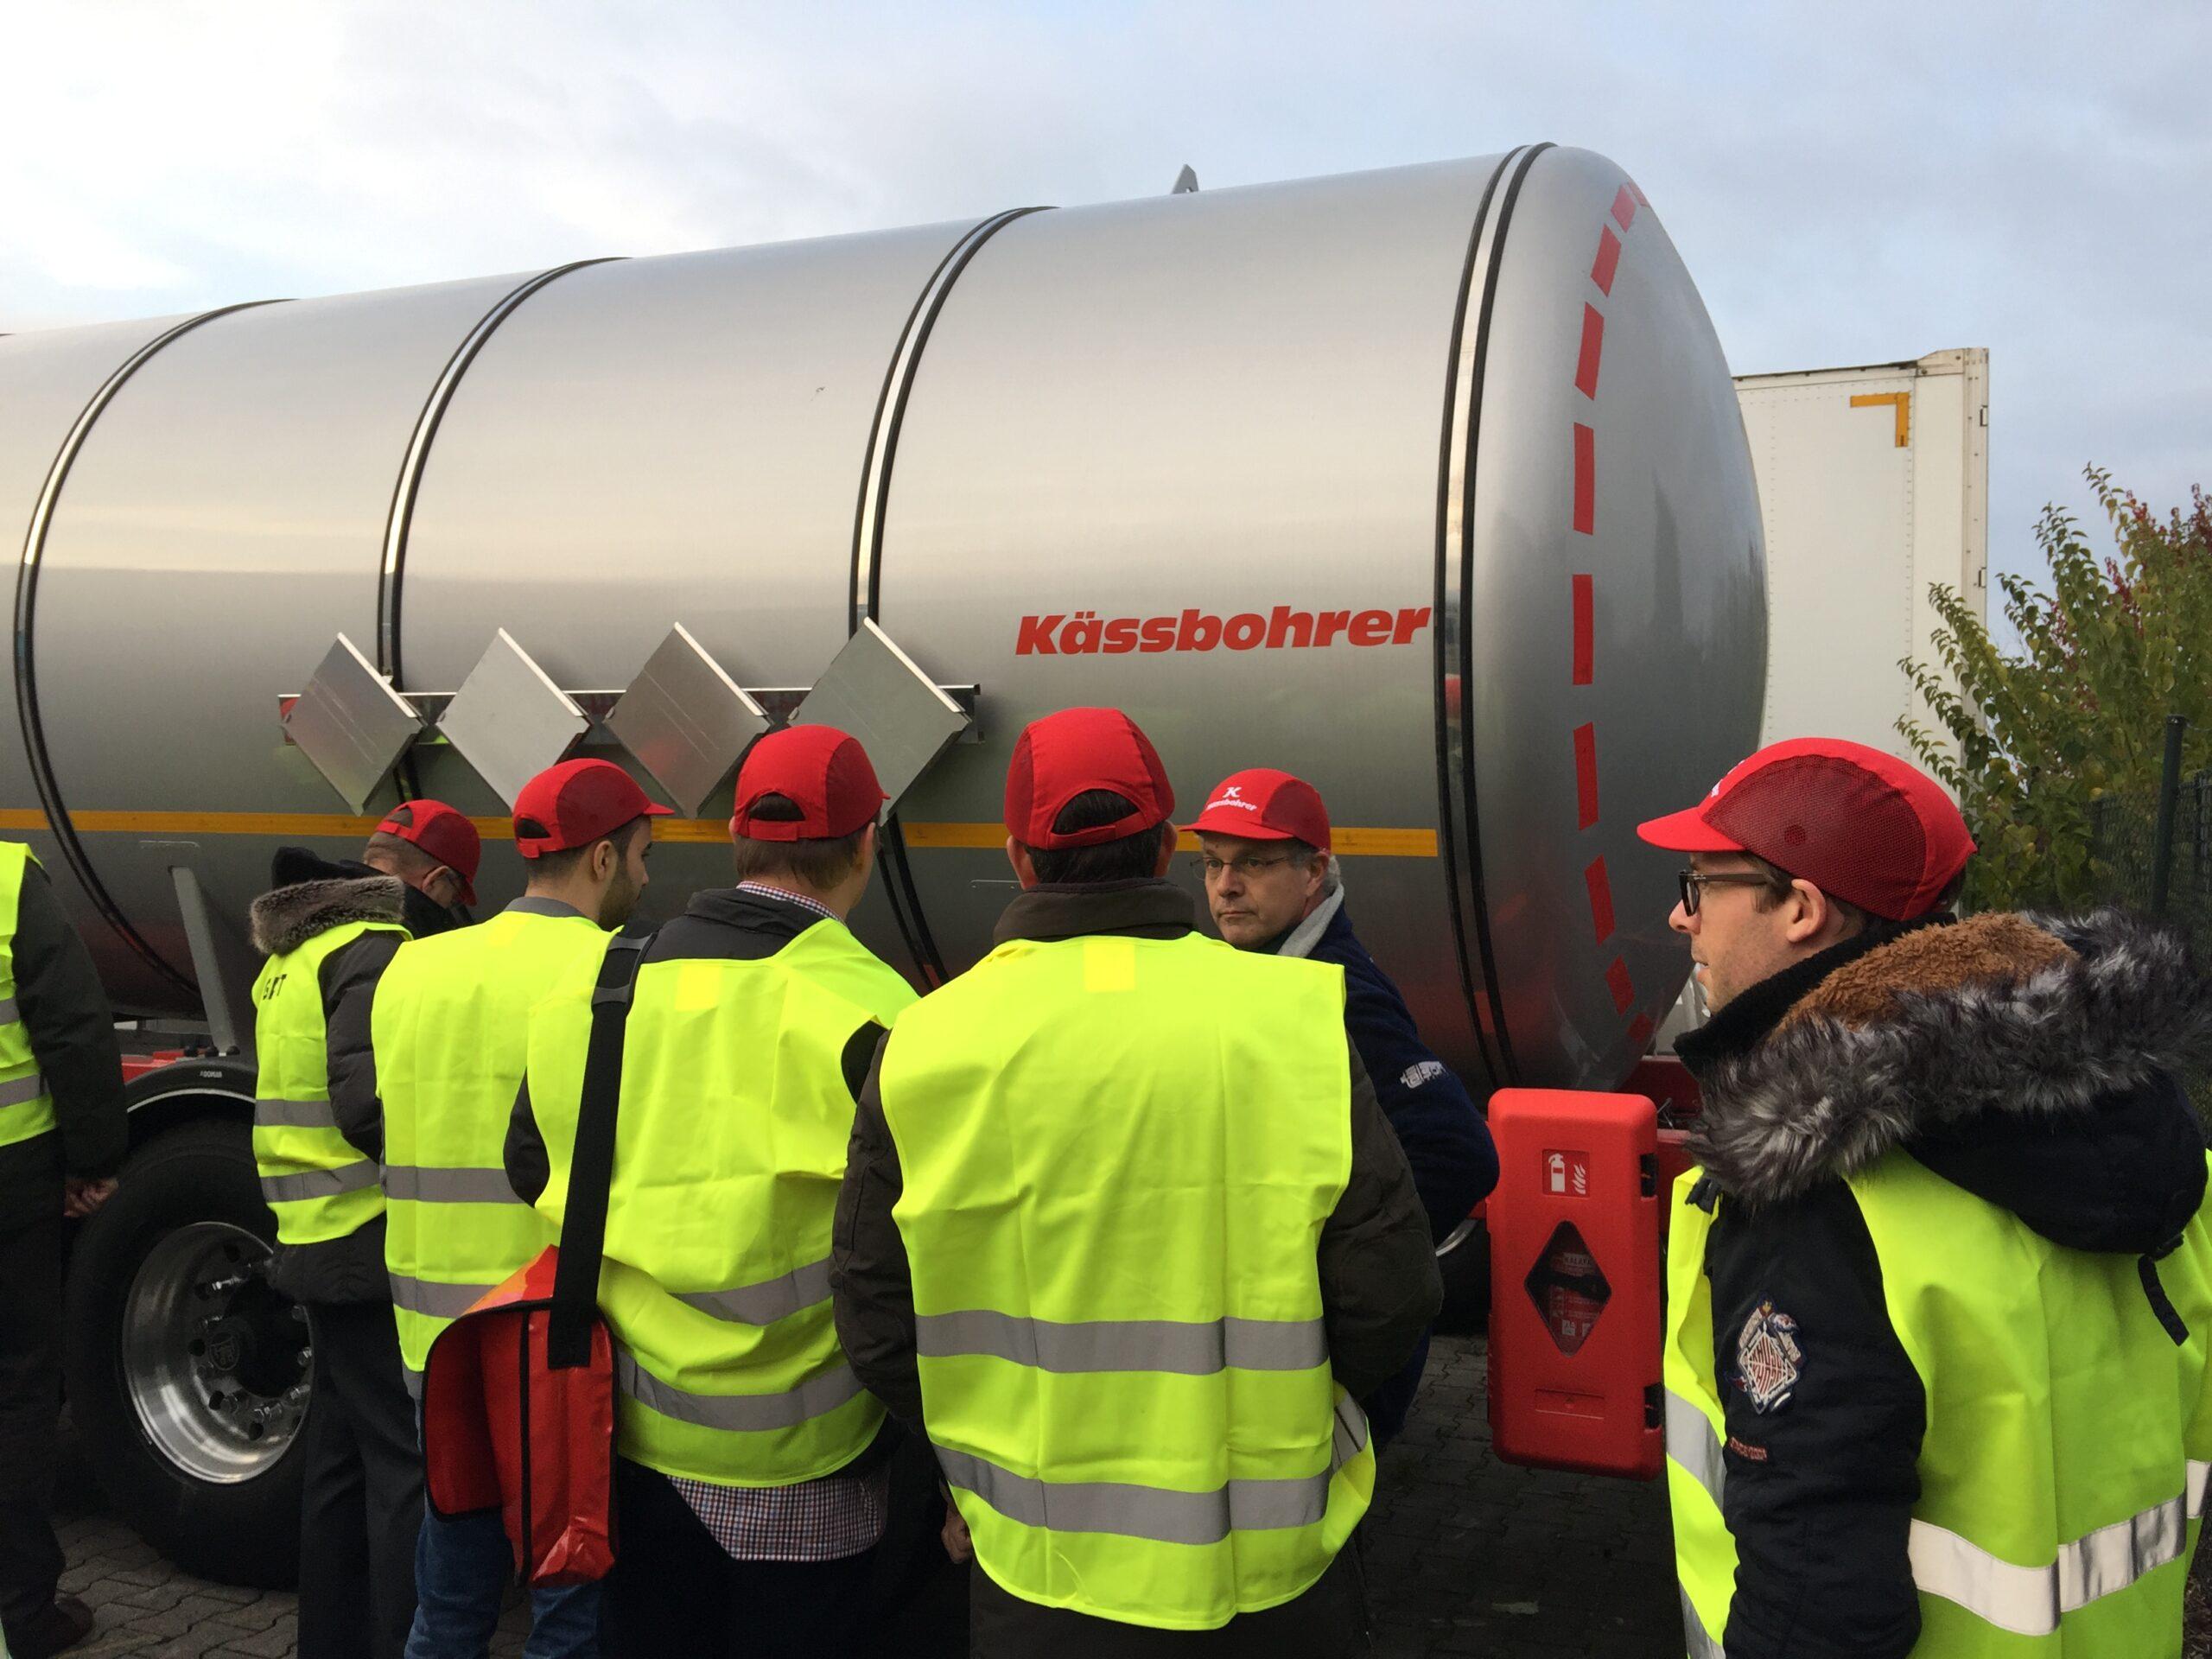 Lower Rhine Chamber of Industry and Commerce visit Kässbohrer